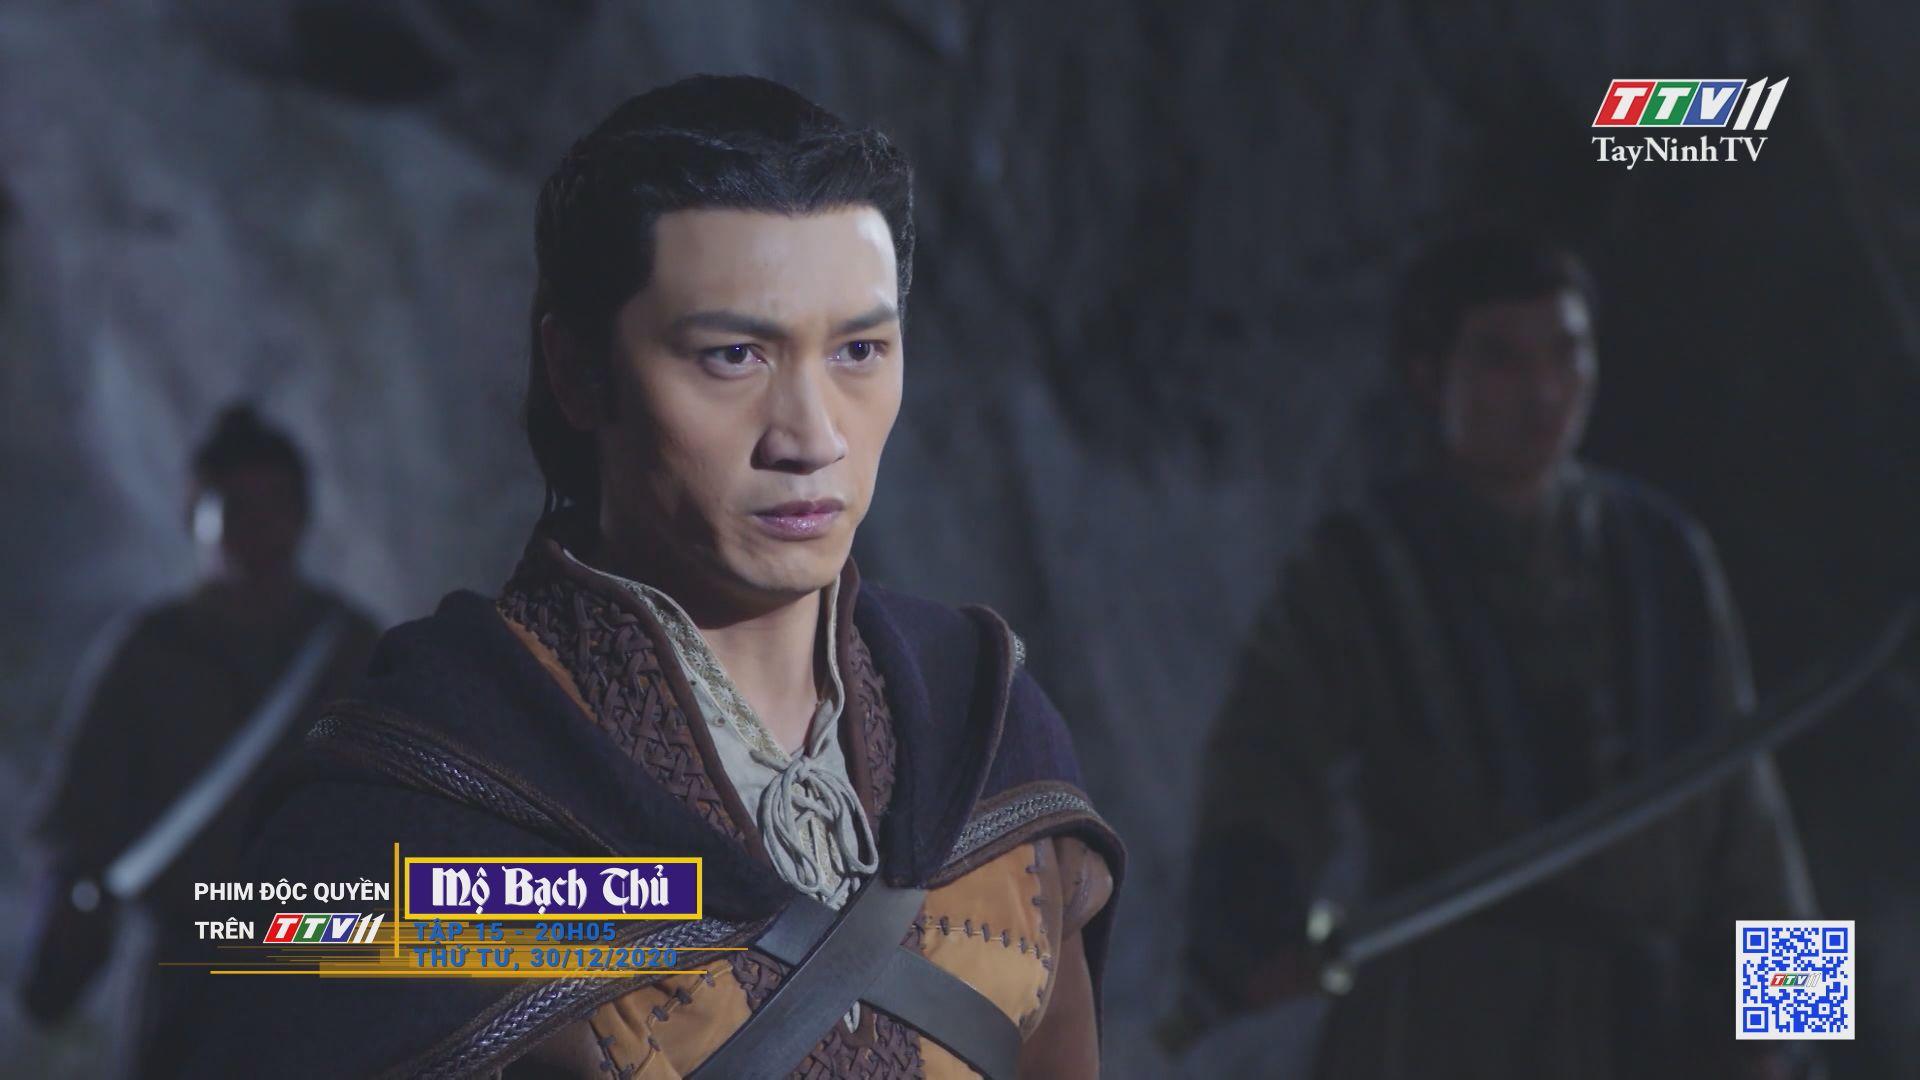 Mộ Bạch Thủ-TẬP 15 trailer | PHIM MỘ BẠCH THỦ | TayNinhTV